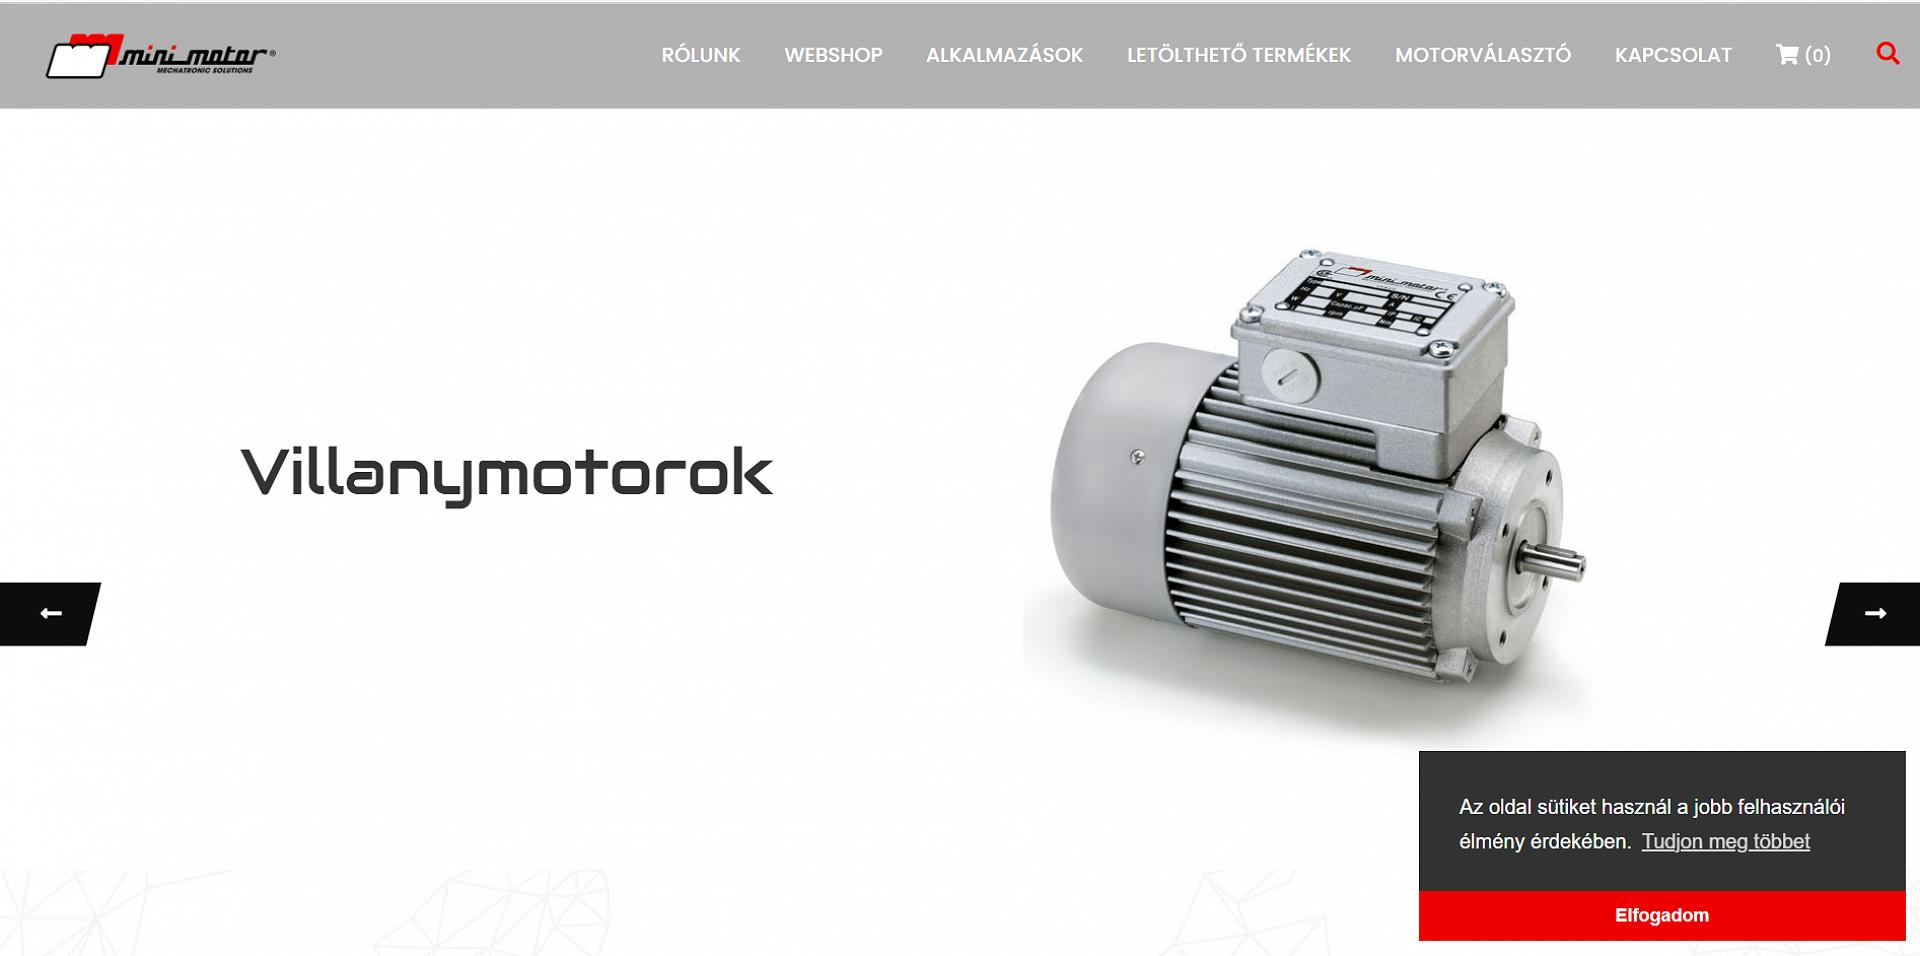 Minimotor Hungary